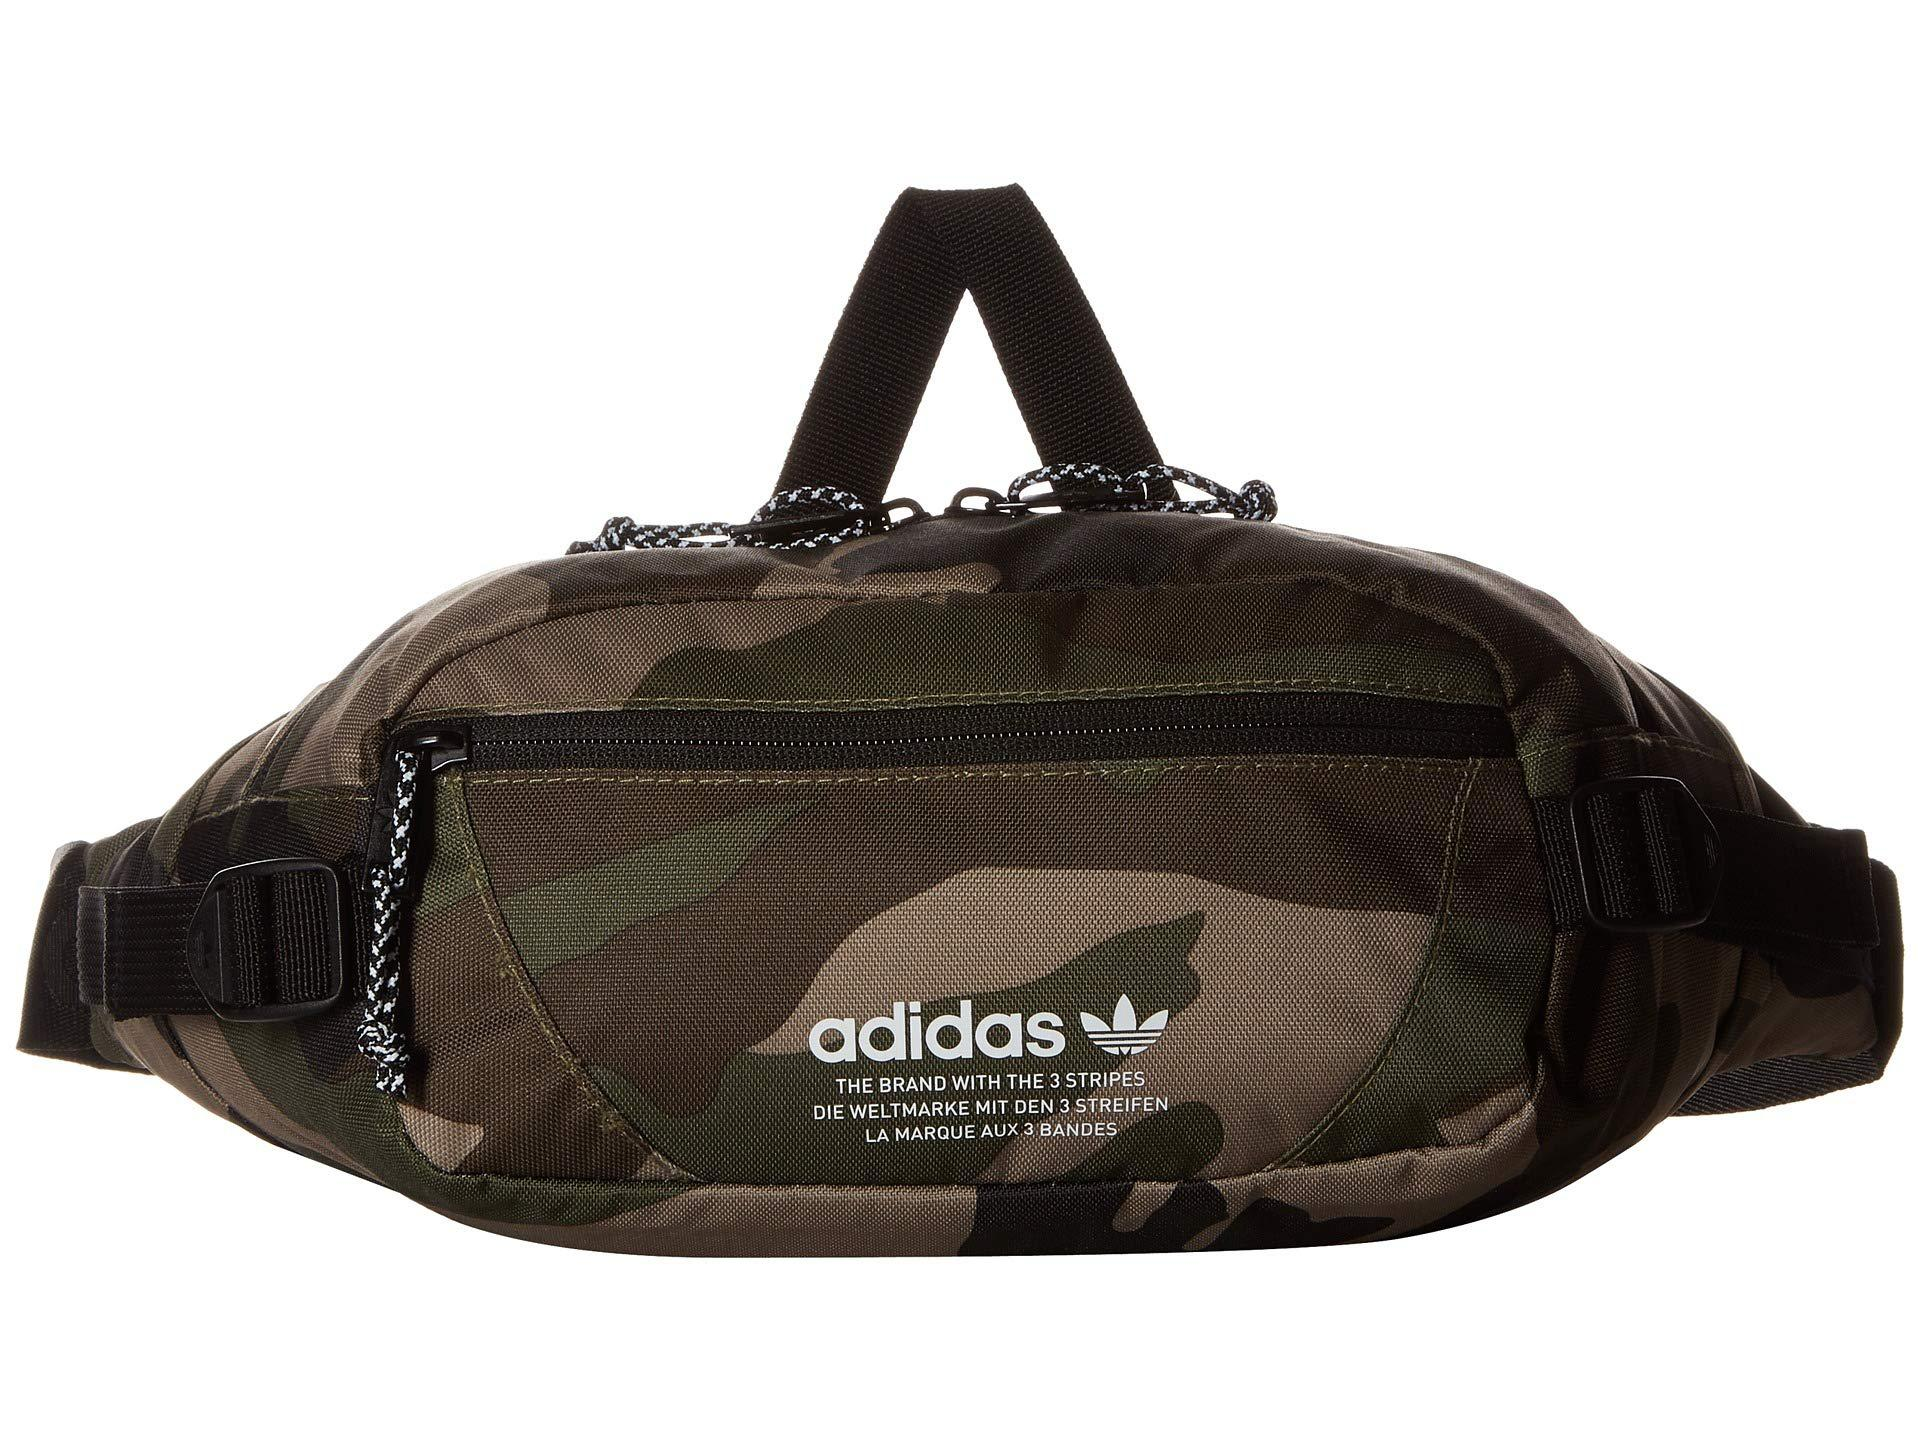 adidas Originals. Men s Black Originals Utility Crossbody (olive Cargo camo)  Cross Body Handbags 0a16f53437f53